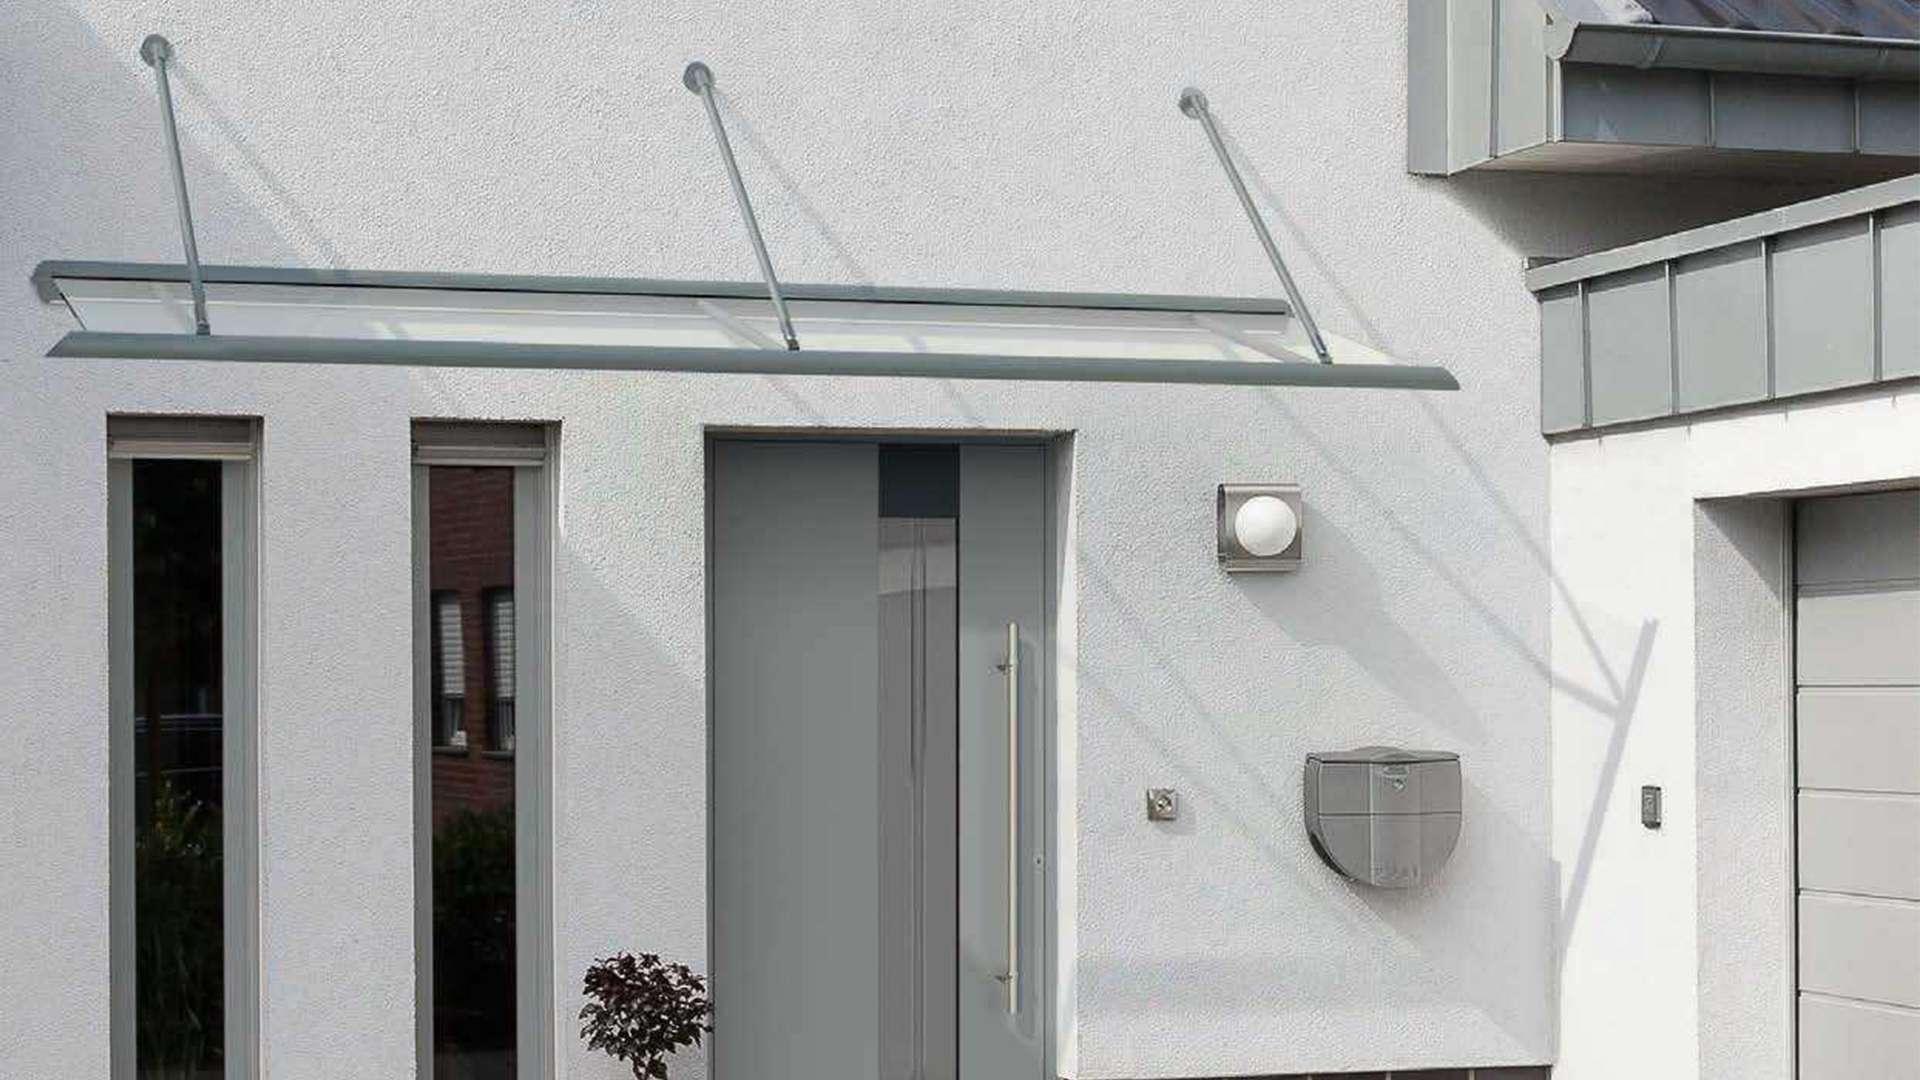 hellgraue Haustür mit zwei schmalen Fenstern links daneben in weißer Fassade. Alles wird von einem gläsernen Vordach überdacht.